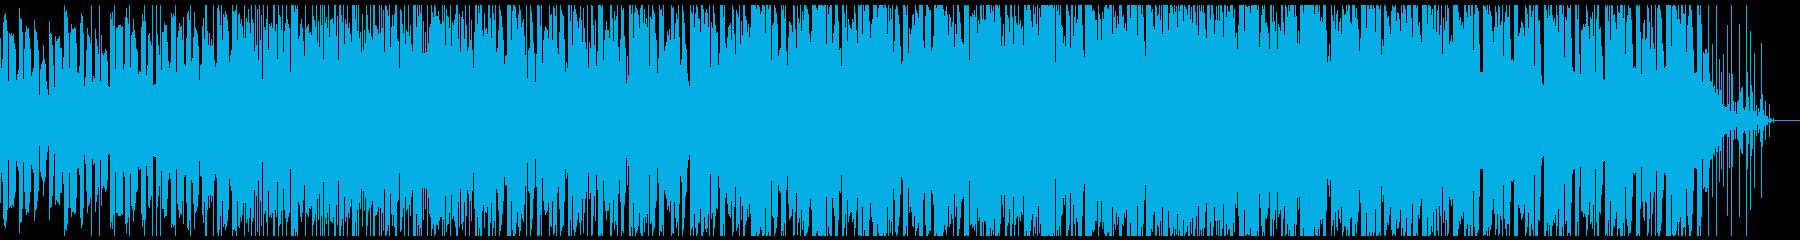 空間系アンビエントテクノの再生済みの波形